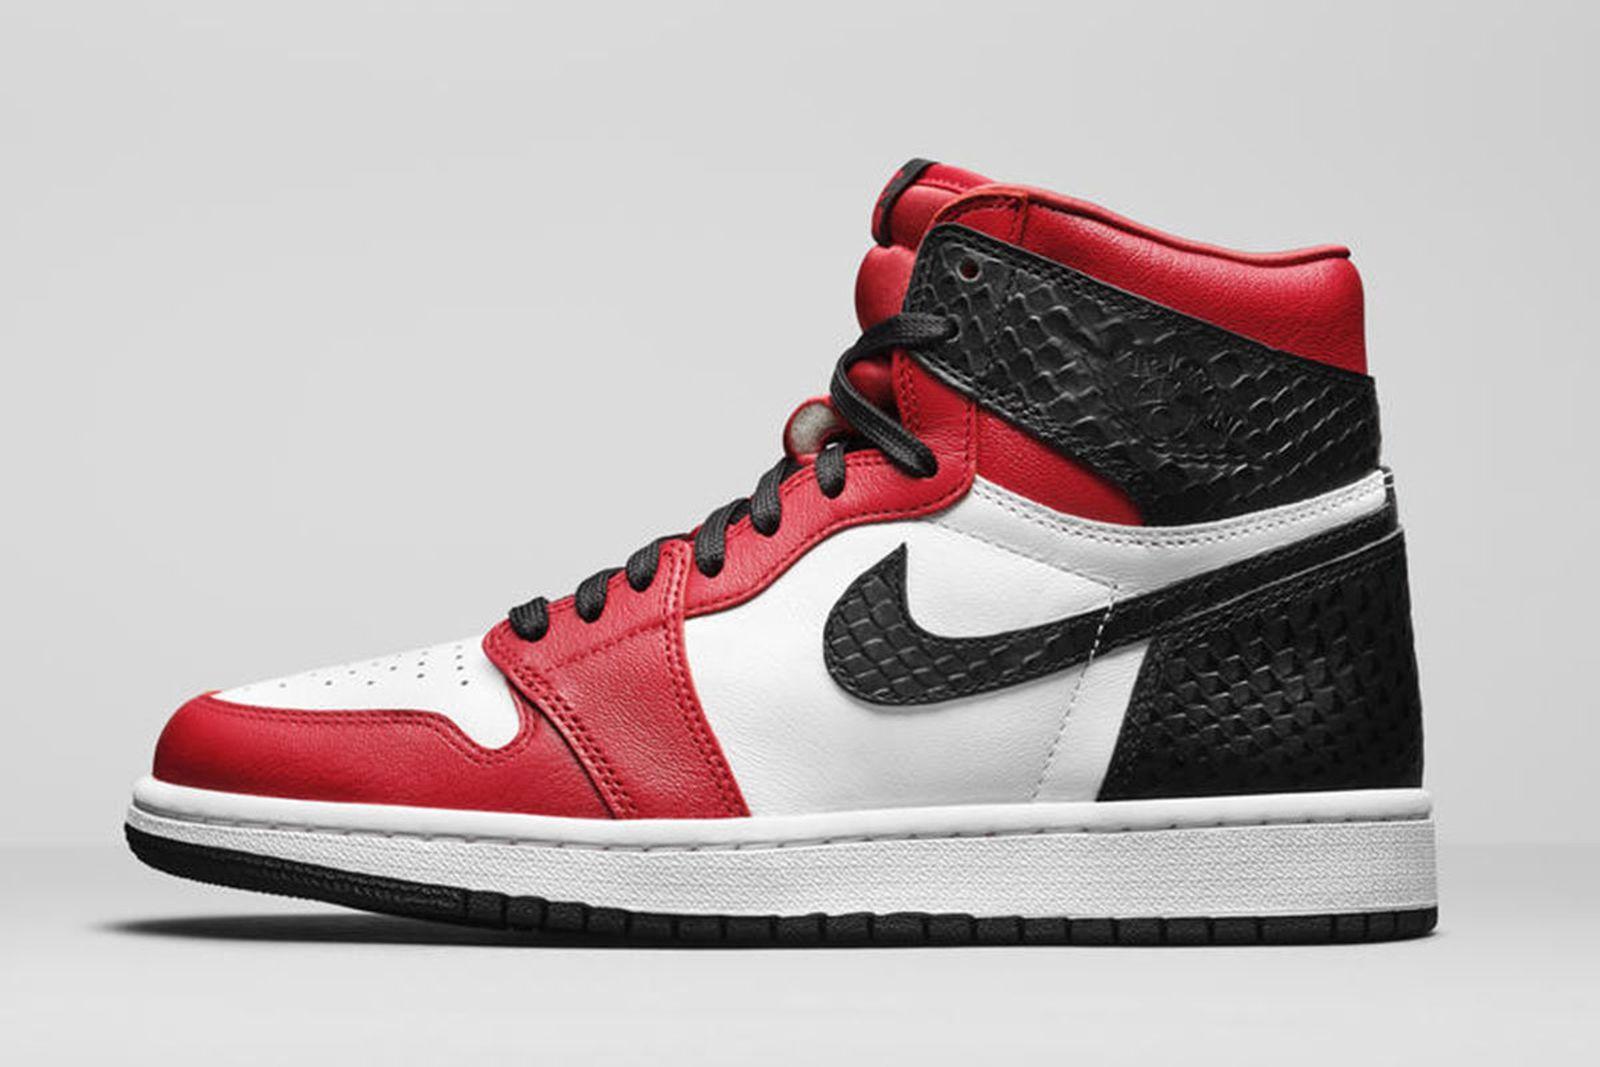 Jordan Brand Fall 2020 sneaker lineup Air Jordan 1 chicago reptile